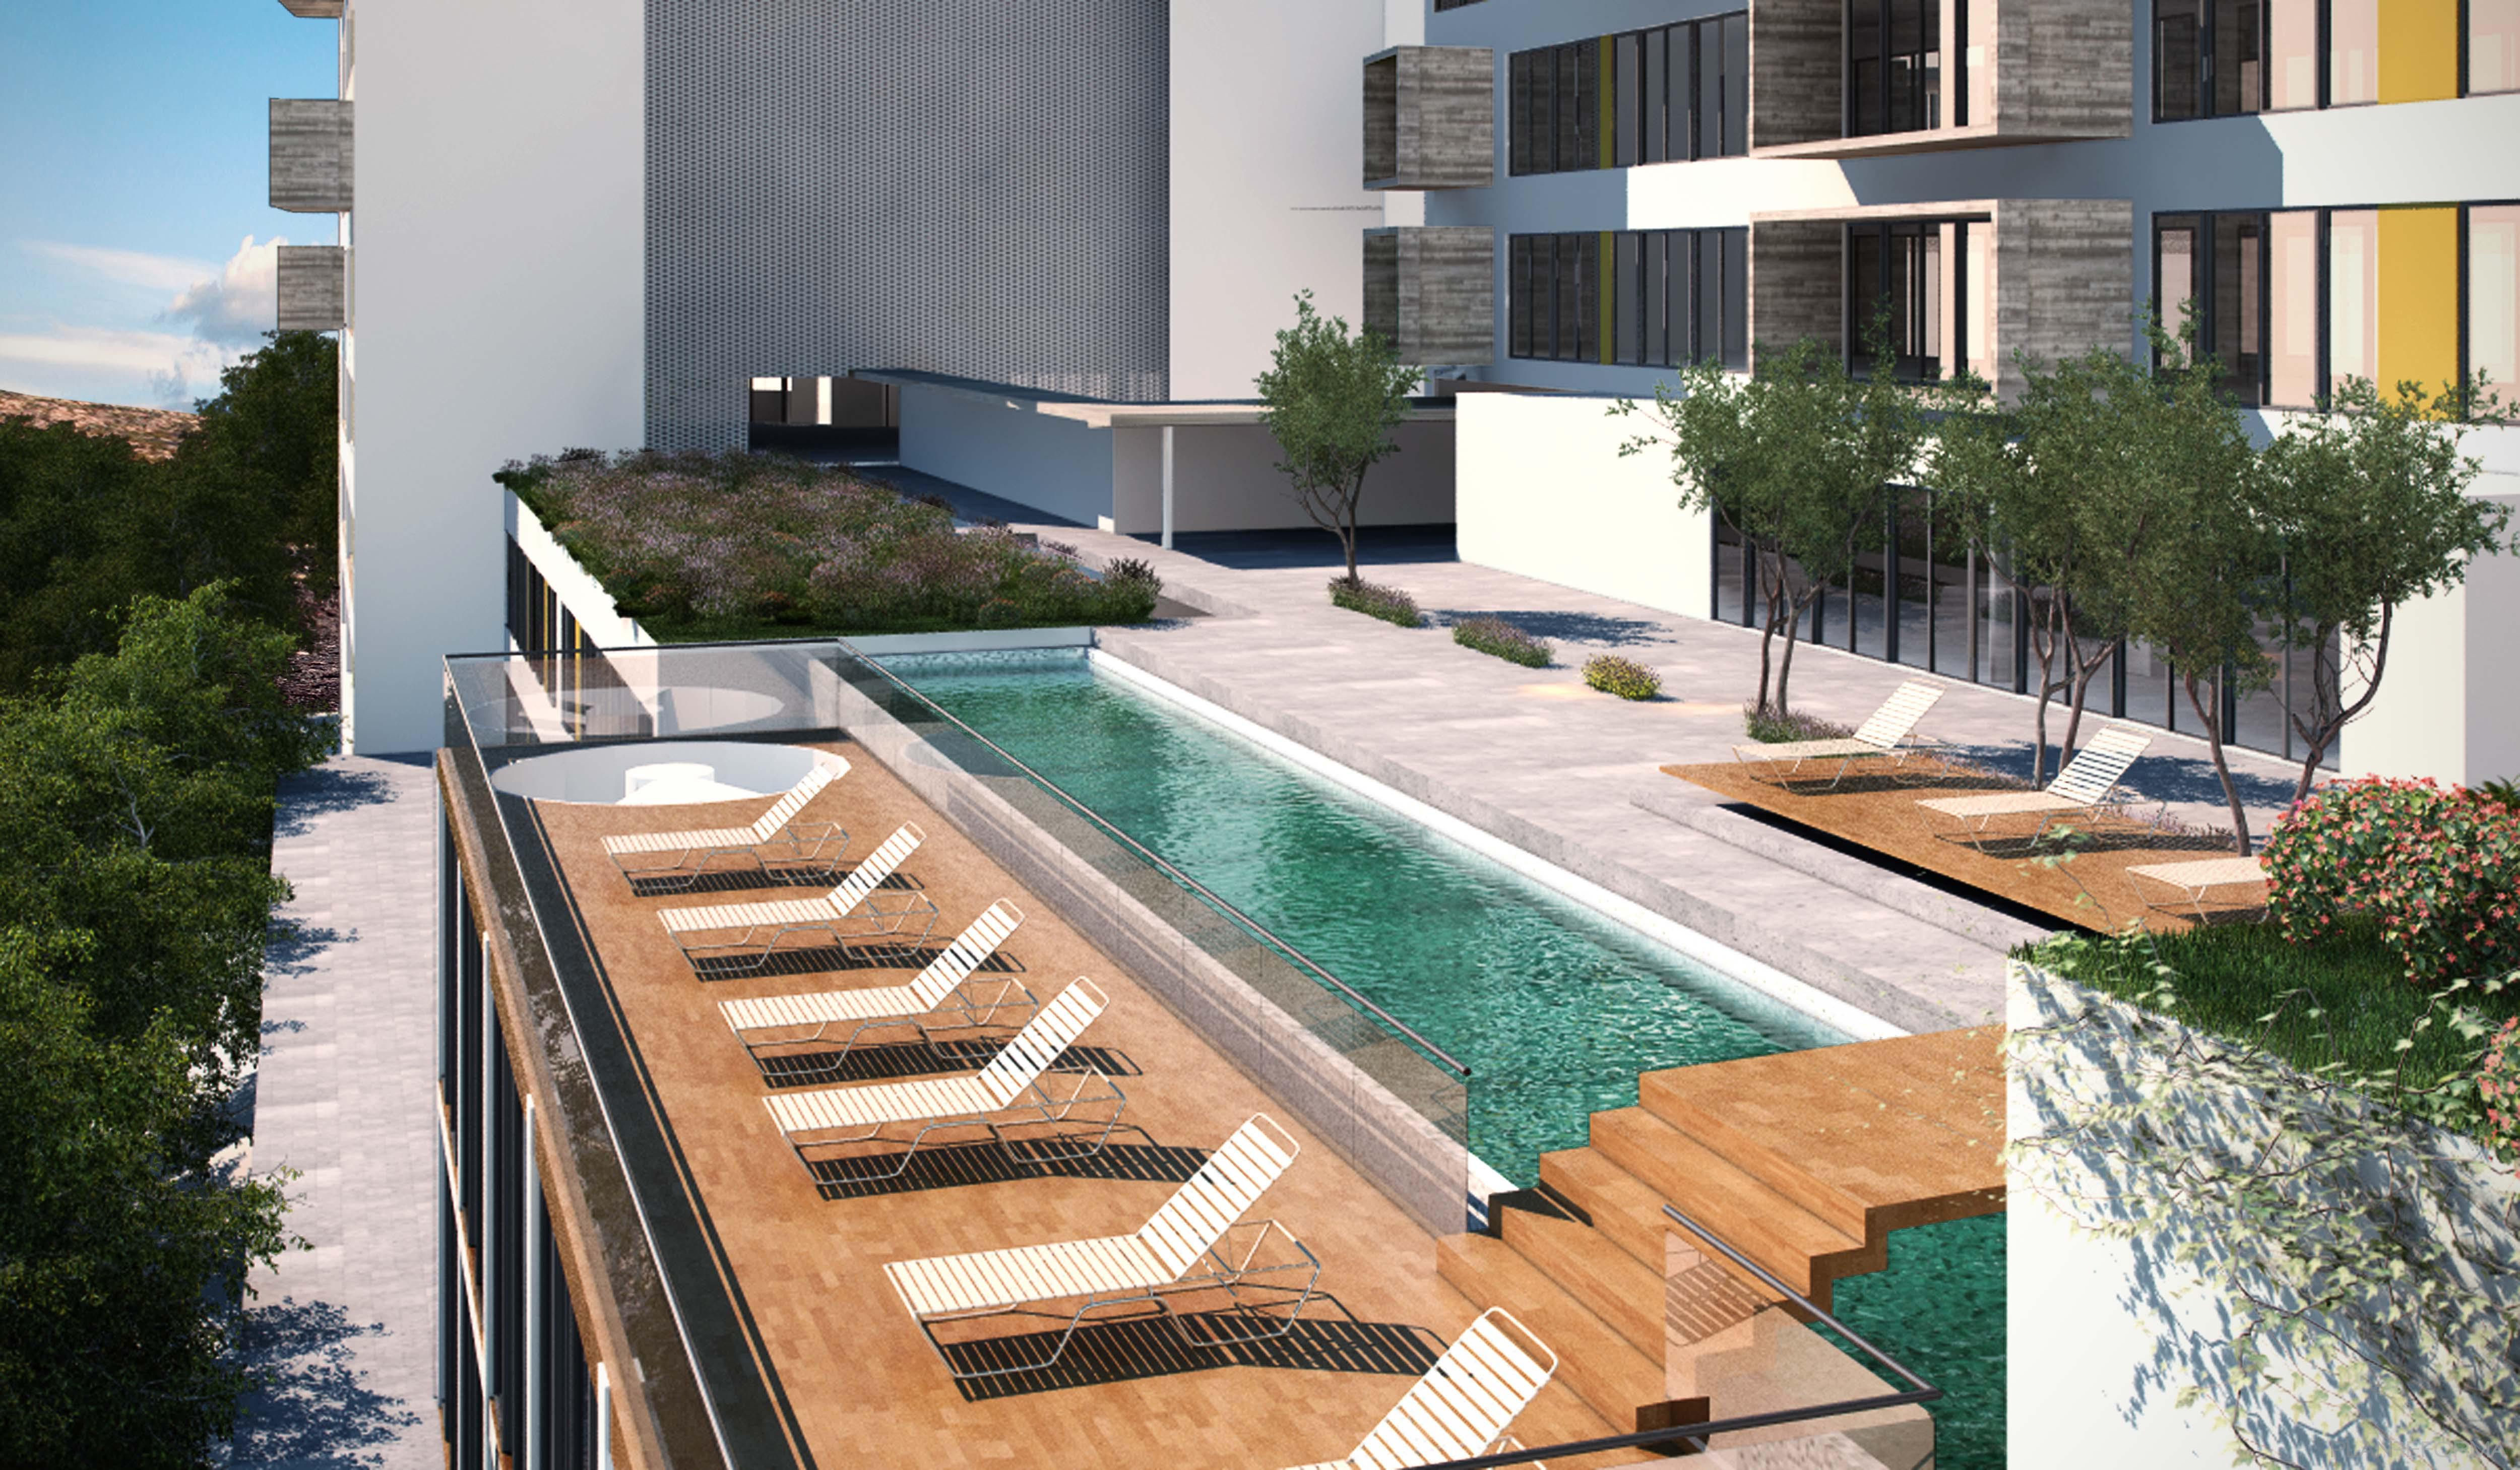 Terraza balcon piscina exterior jardin style moderno for Muebles jardin exterior modernos